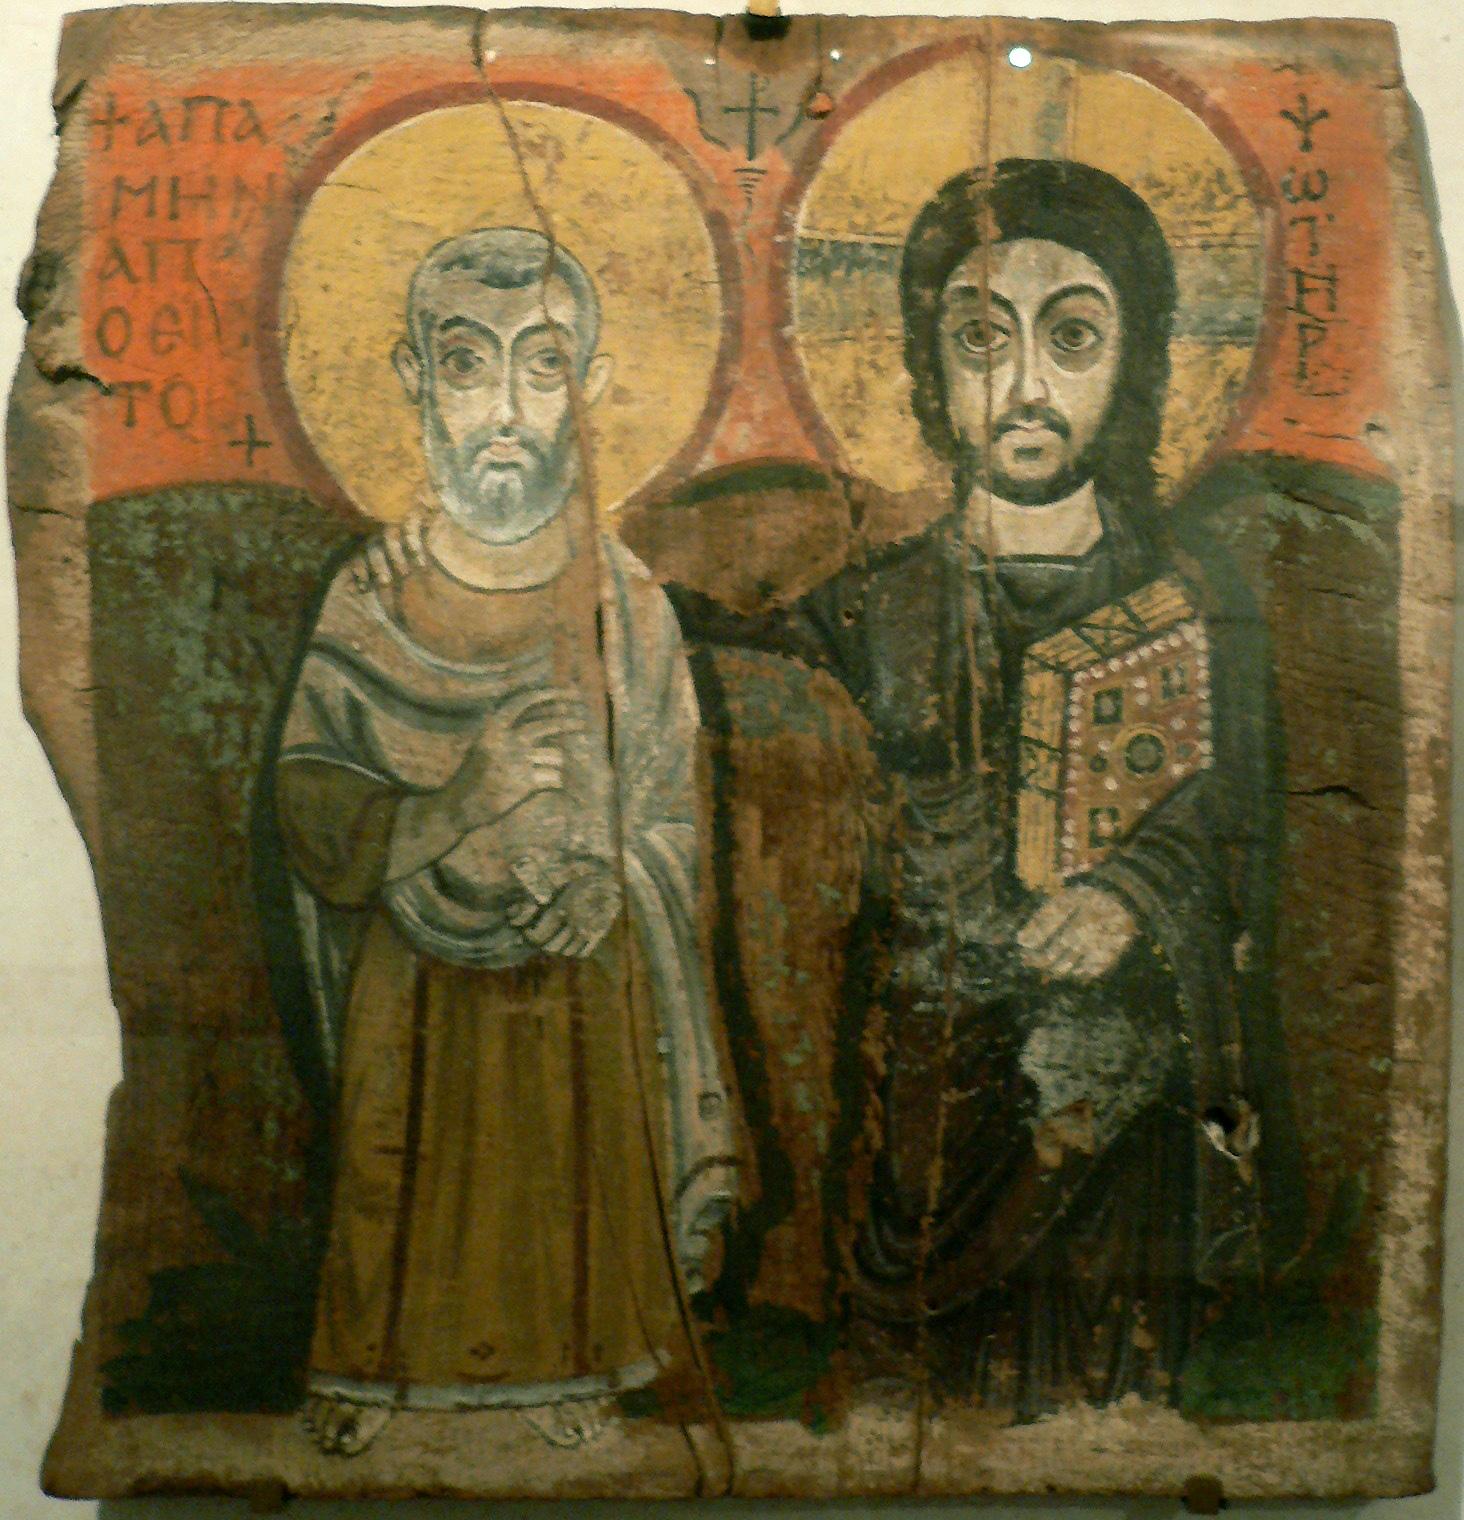 Kristus og den hellige Mennas, koptisk ikon (500/600-t) fra klosteret St. Mennas (Baouit) i Egypt, nå i Louvre i Paris. Malt med voks og tempera på fikentre. Dette er et av de eldste ikonene som finnes.